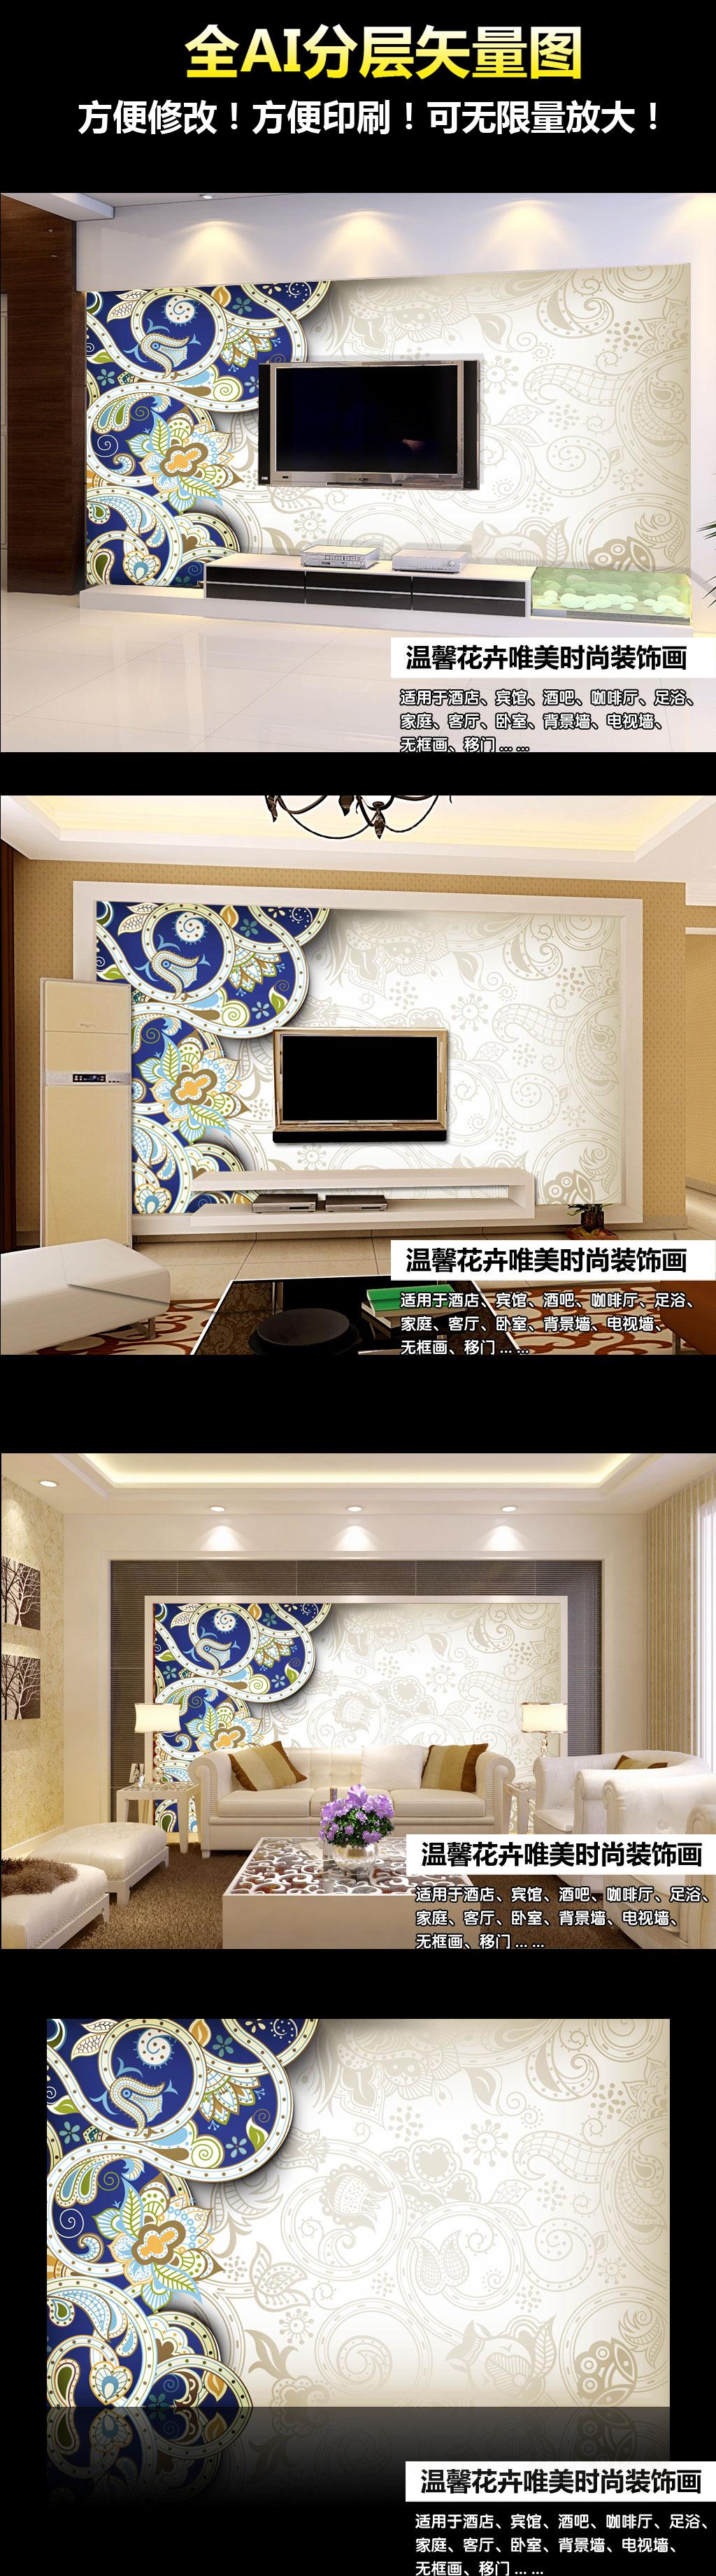 欧式客厅背墙效果图